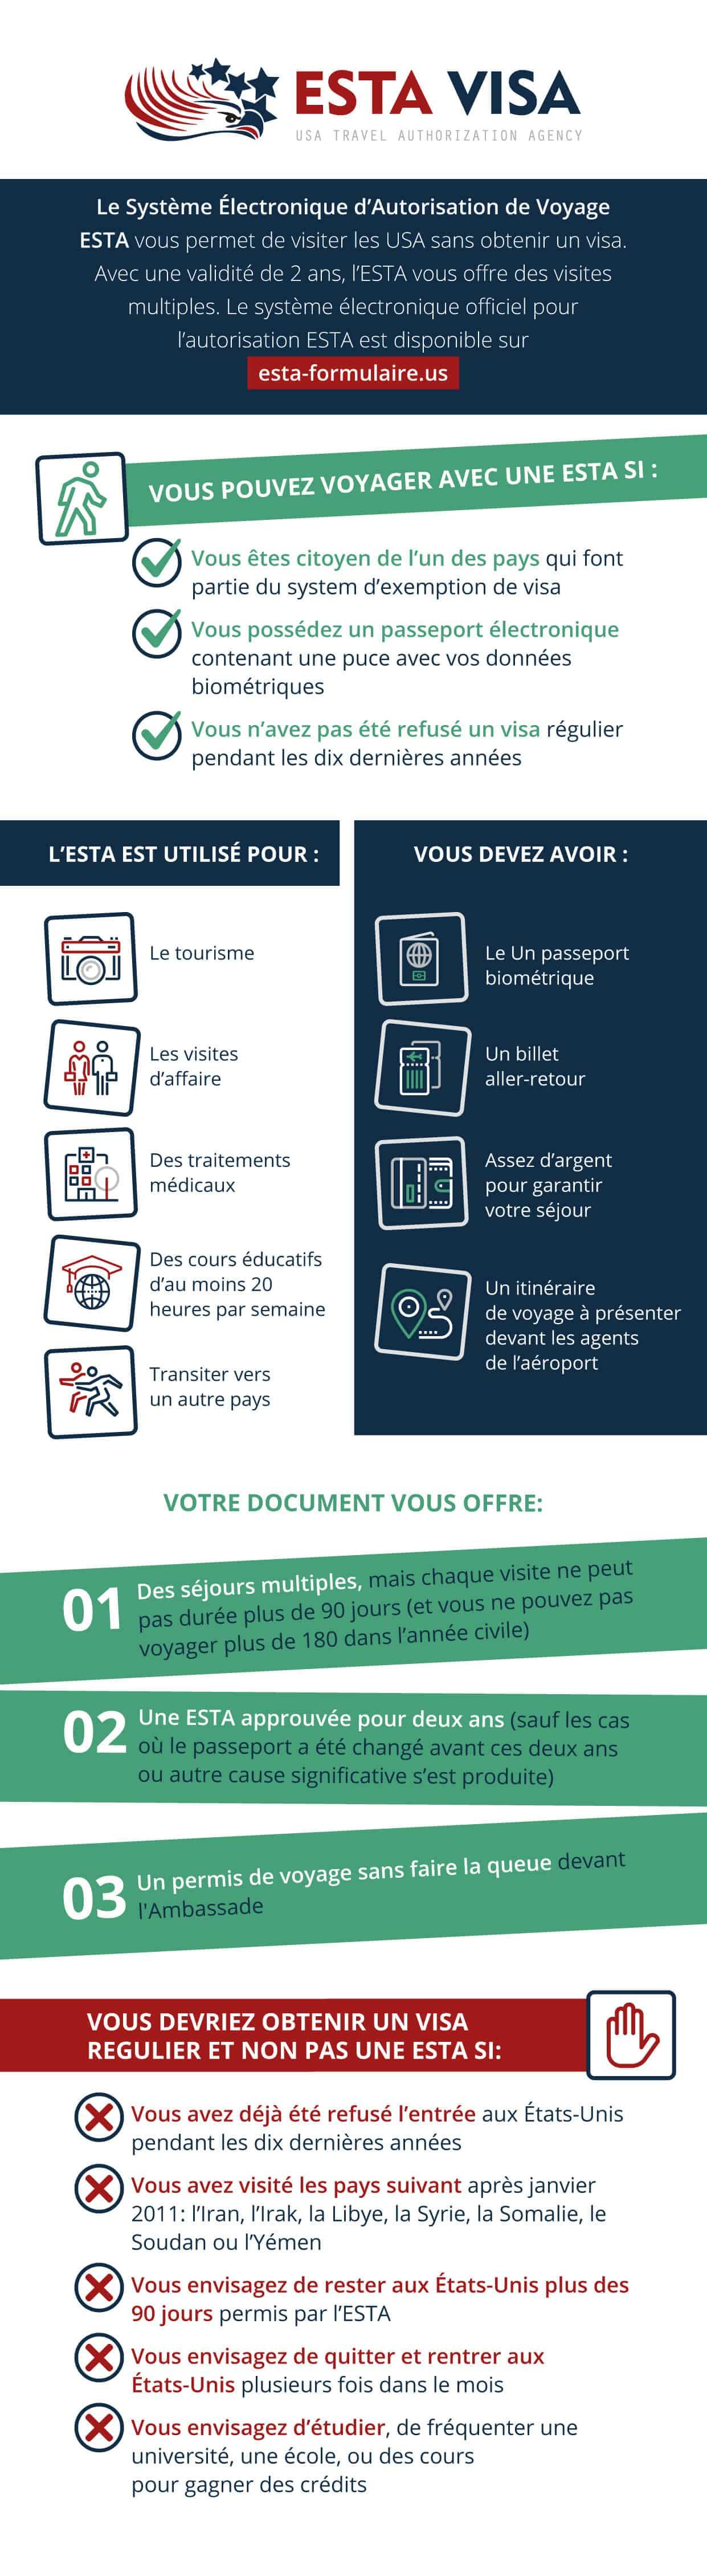 infographic esta